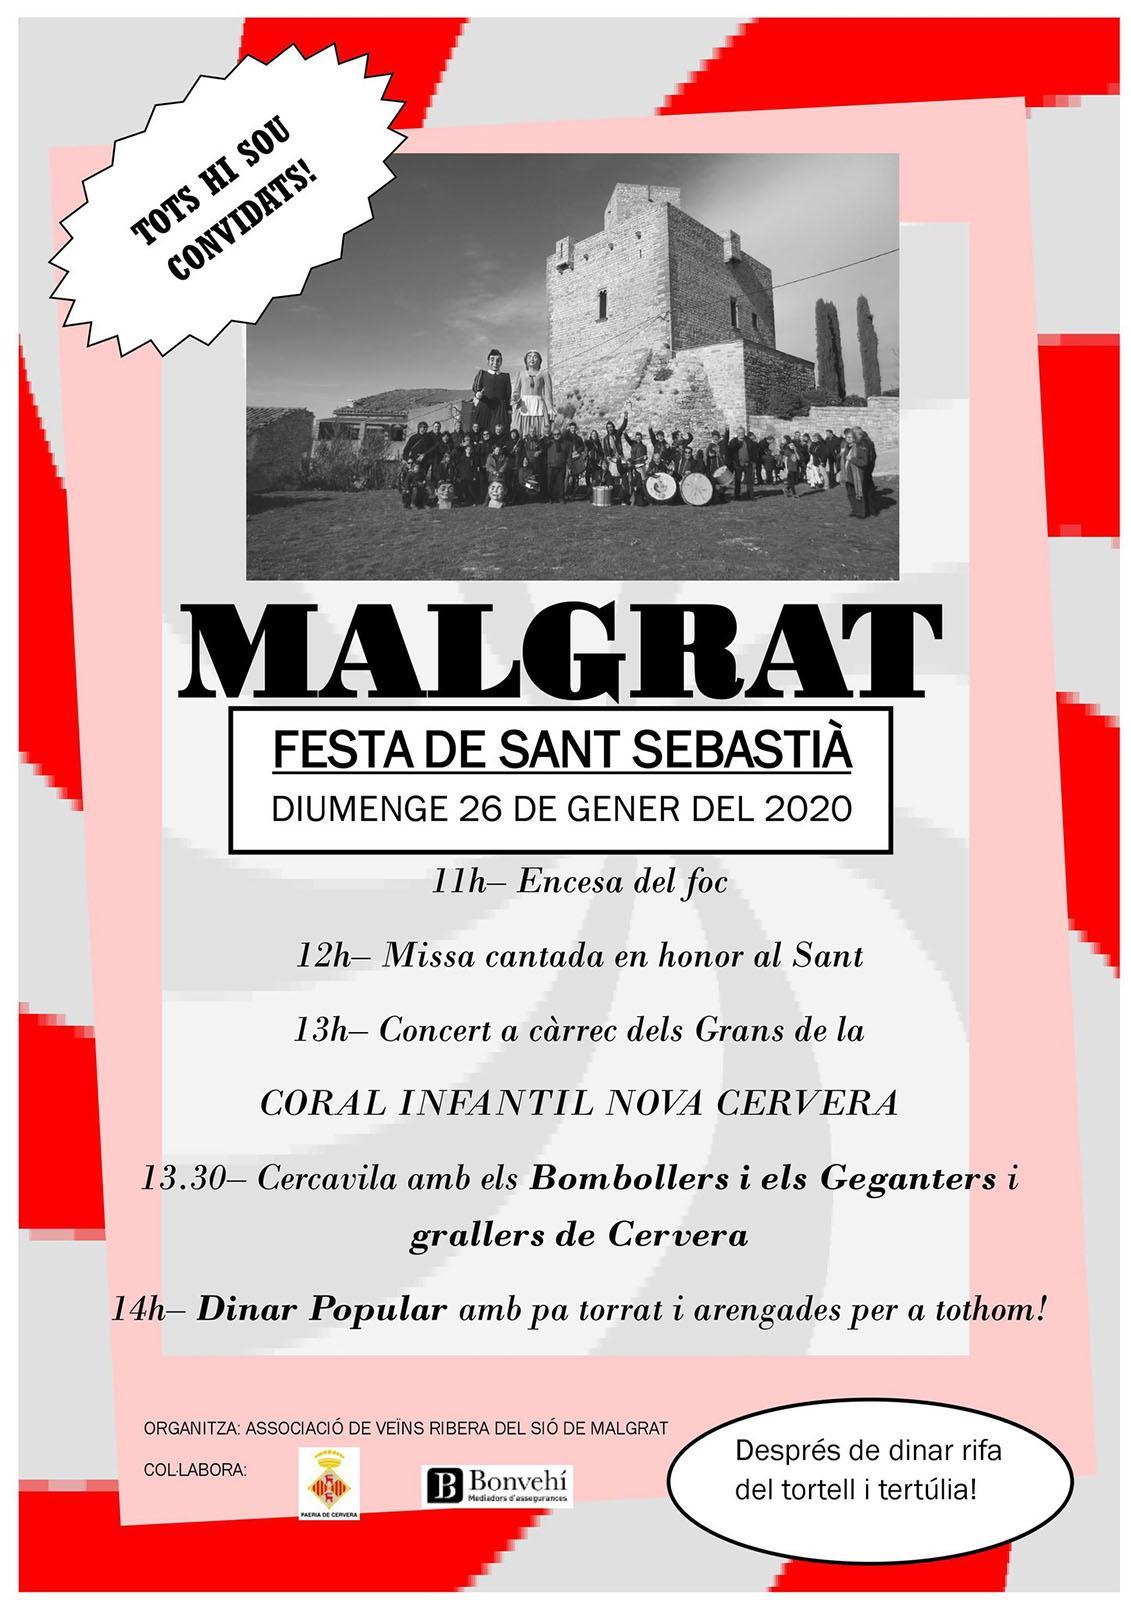 cartell Festa de Sant Sebastià 2020 a Malgrat